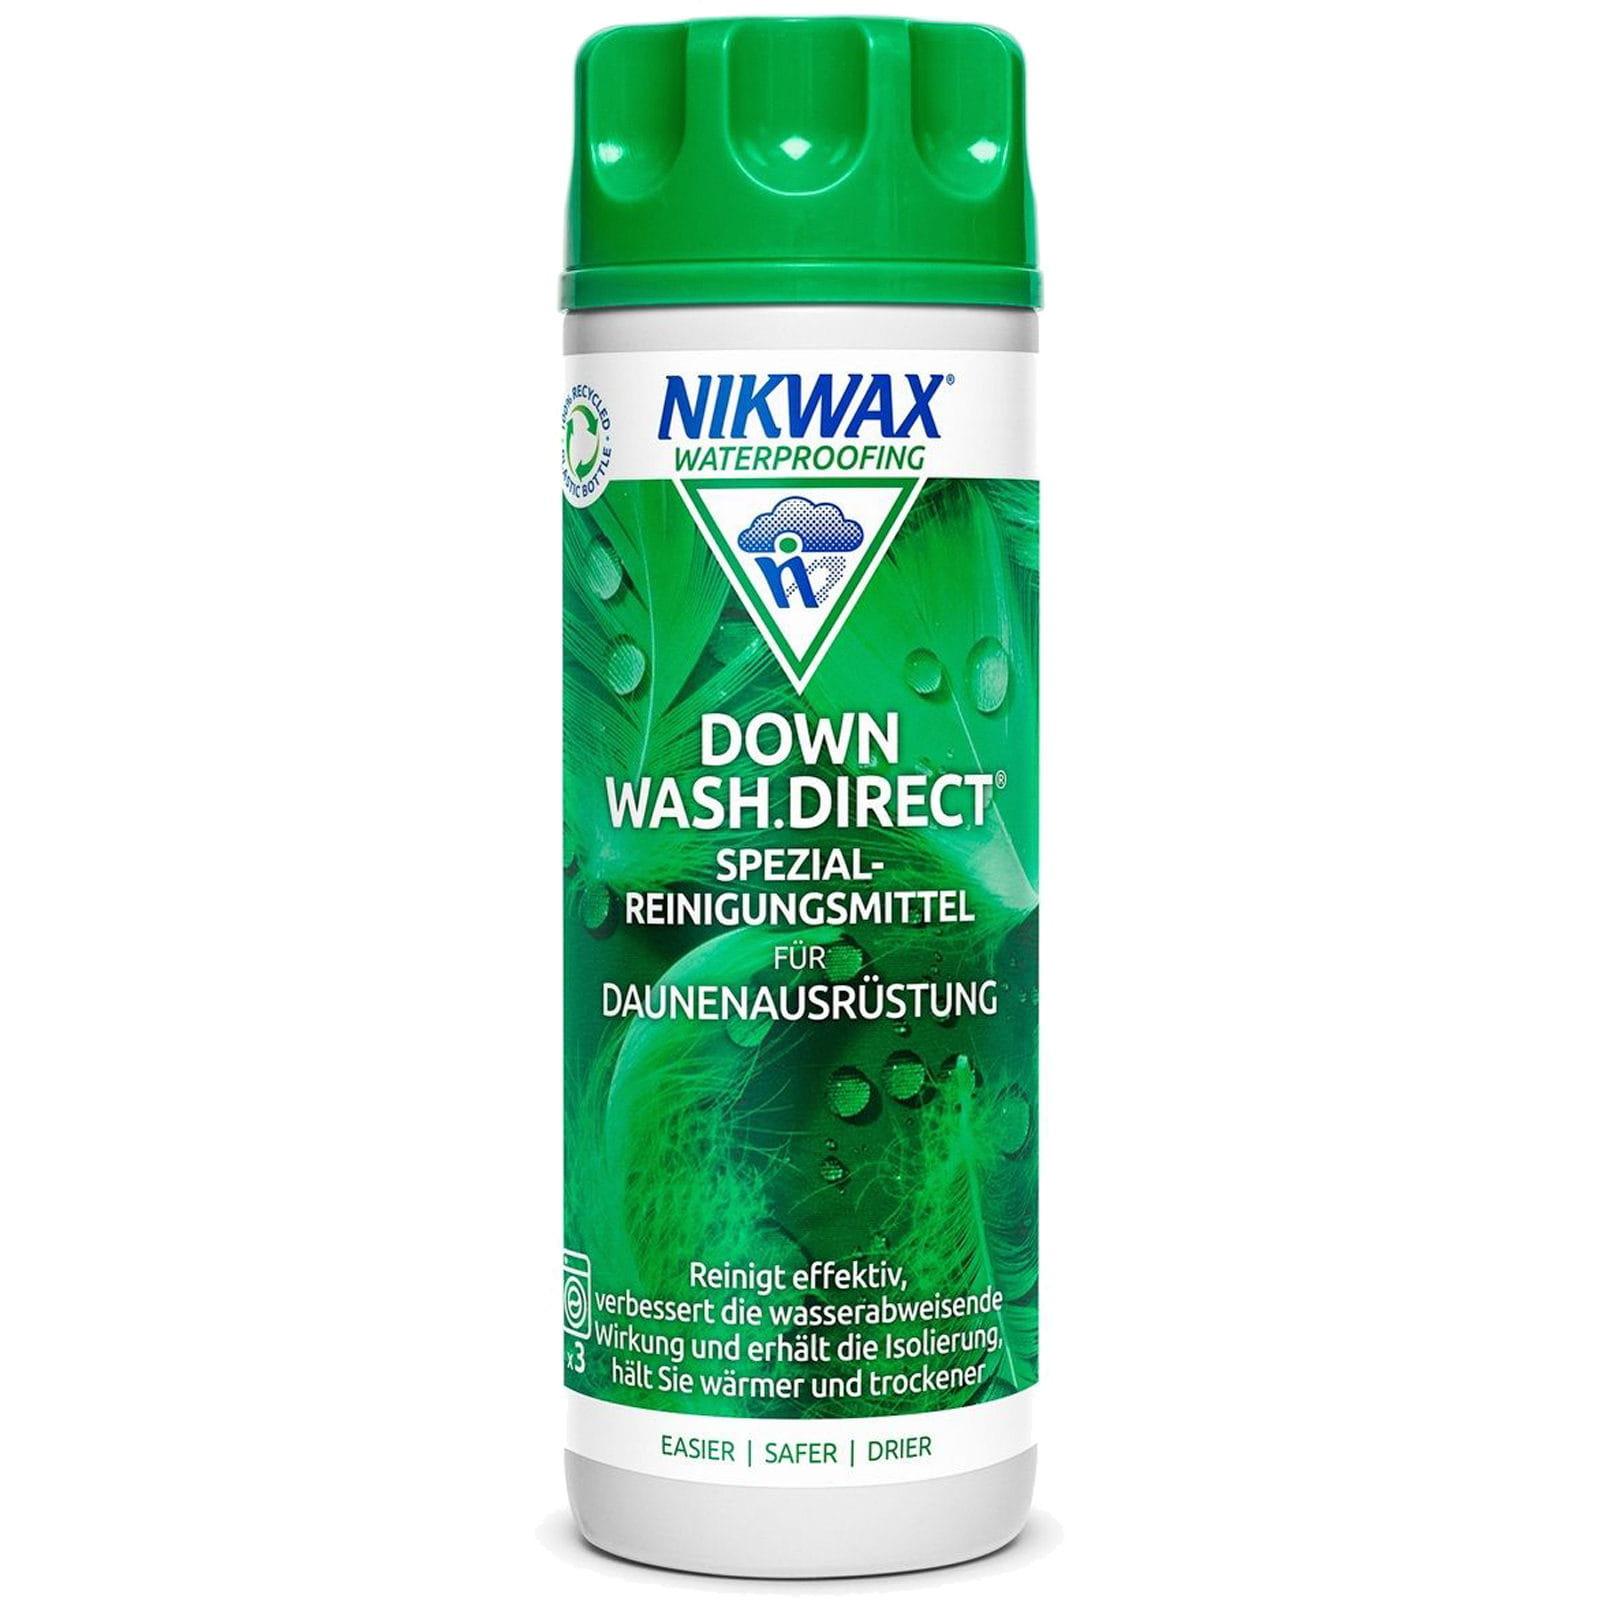 Nikwax Down Wash Direct - 300 ml - Bild 1